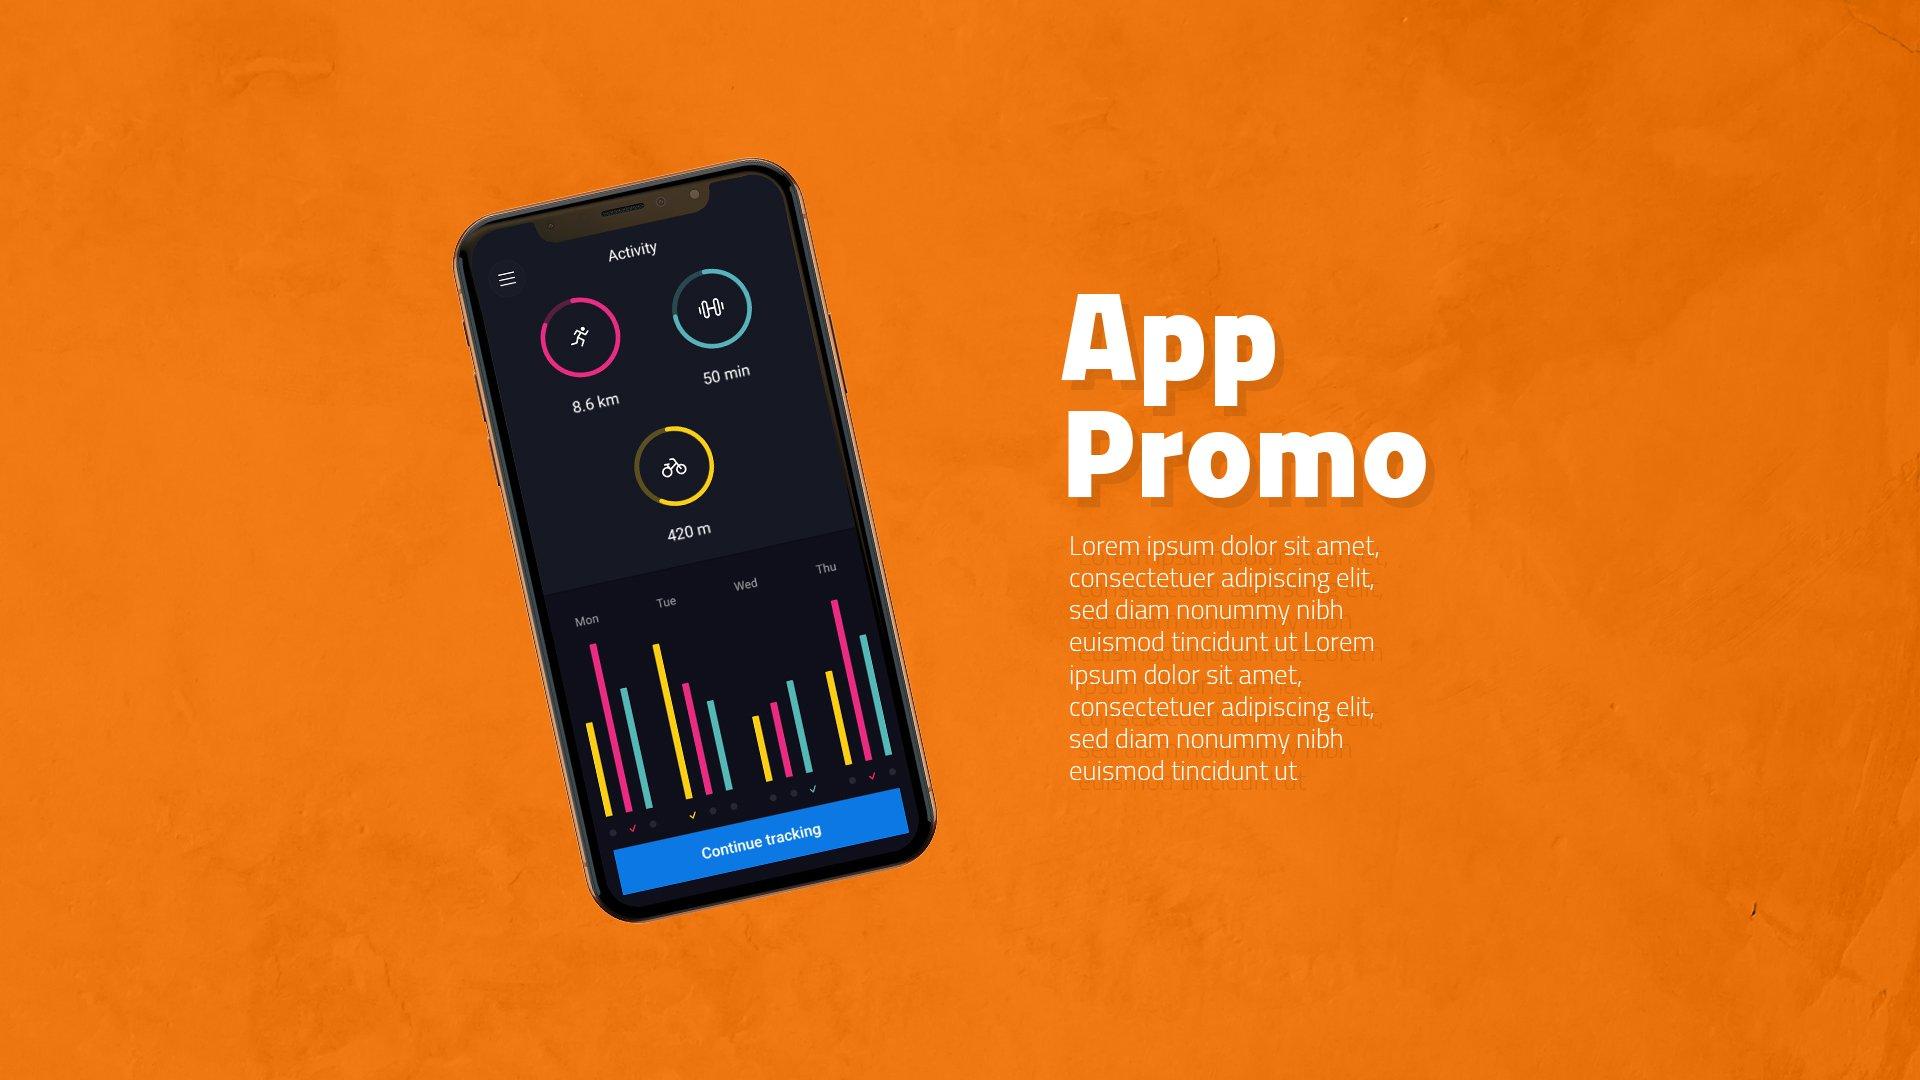 多角度APP界面设计苹果iPhone X手机屏幕演示样机模板 iPhone X App Promotion插图1